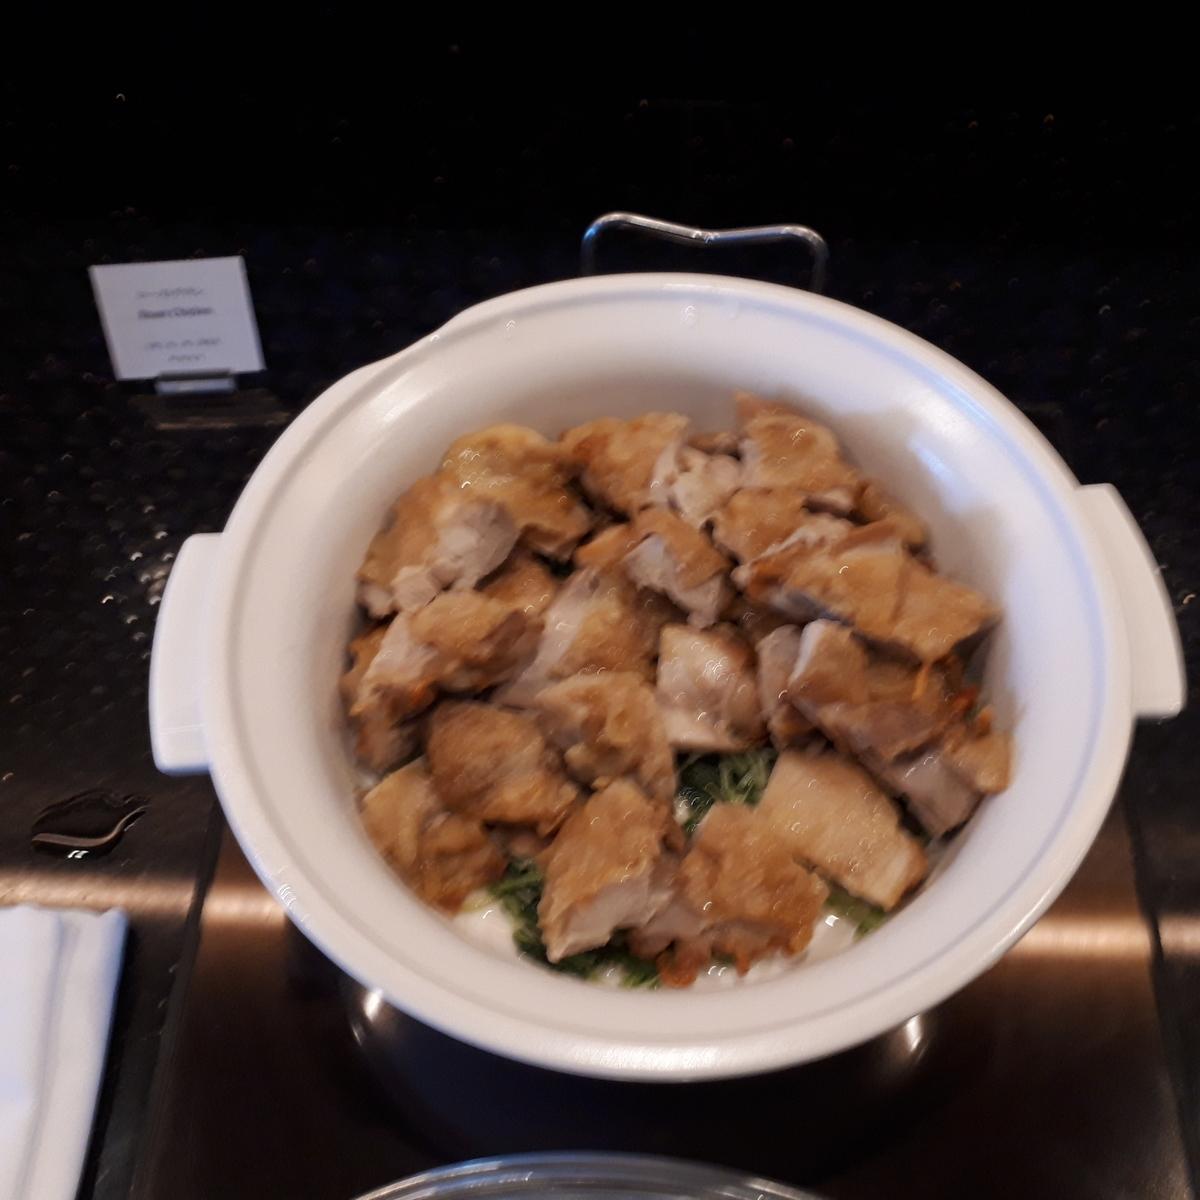 リッツカールトン大阪 クラブラウンジ 夕食前の前菜 ローストチキン